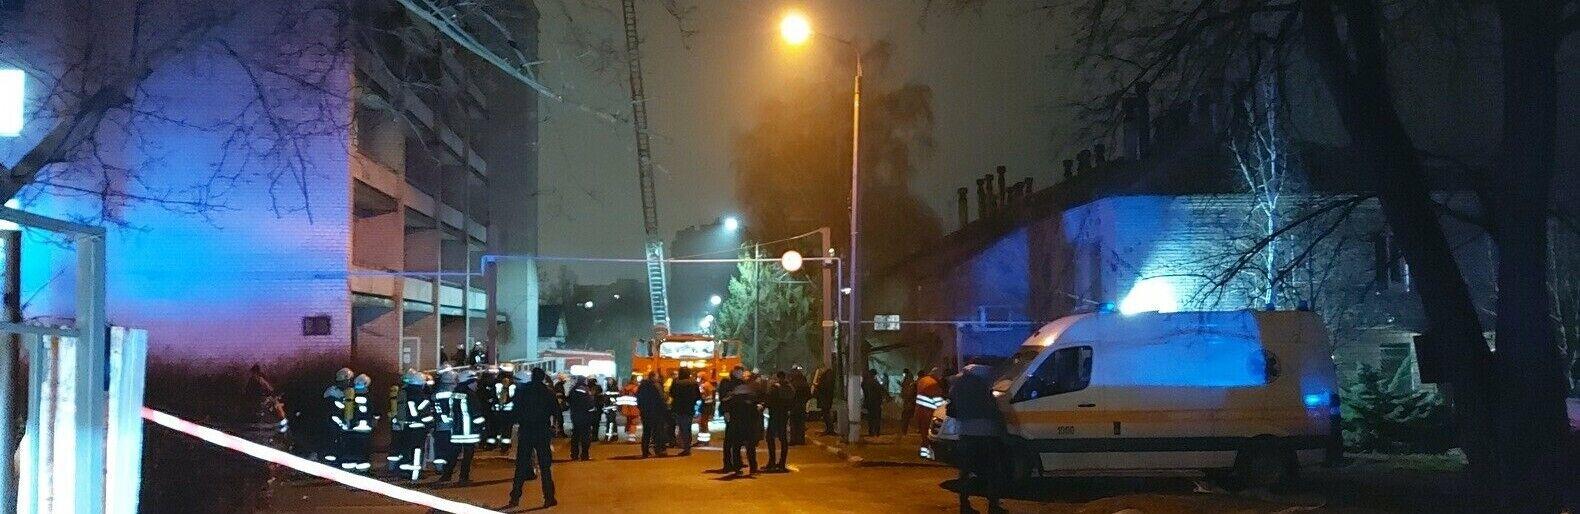 Пожар в областной инфекционной больнице Запорожья.